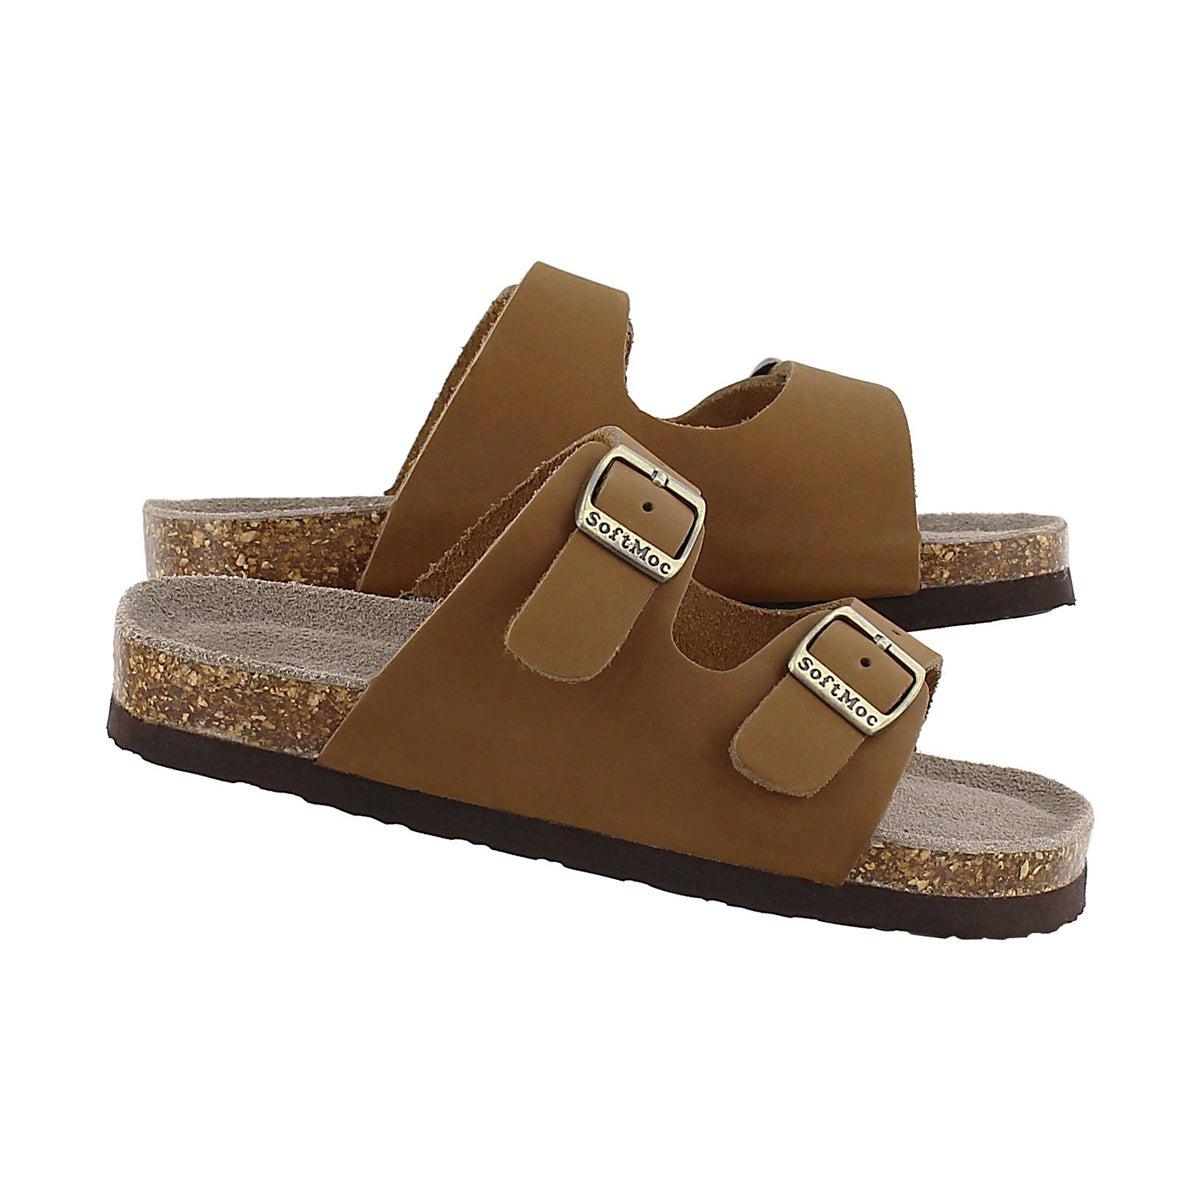 Kds Aurora 2 tan 2 strap slide sandal